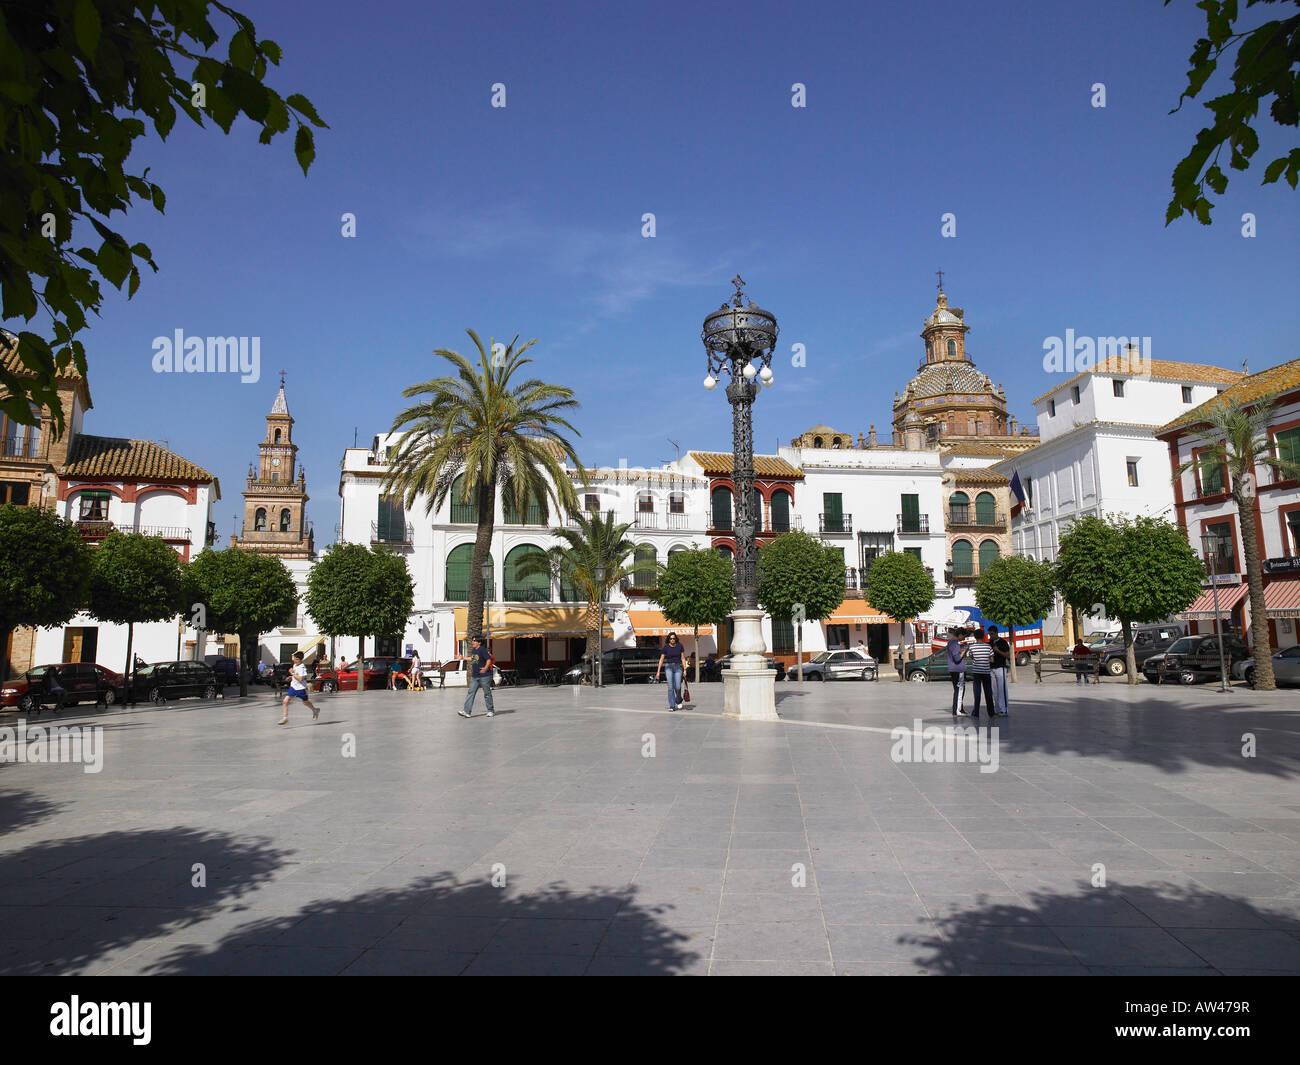 Plaza. - Stock Image